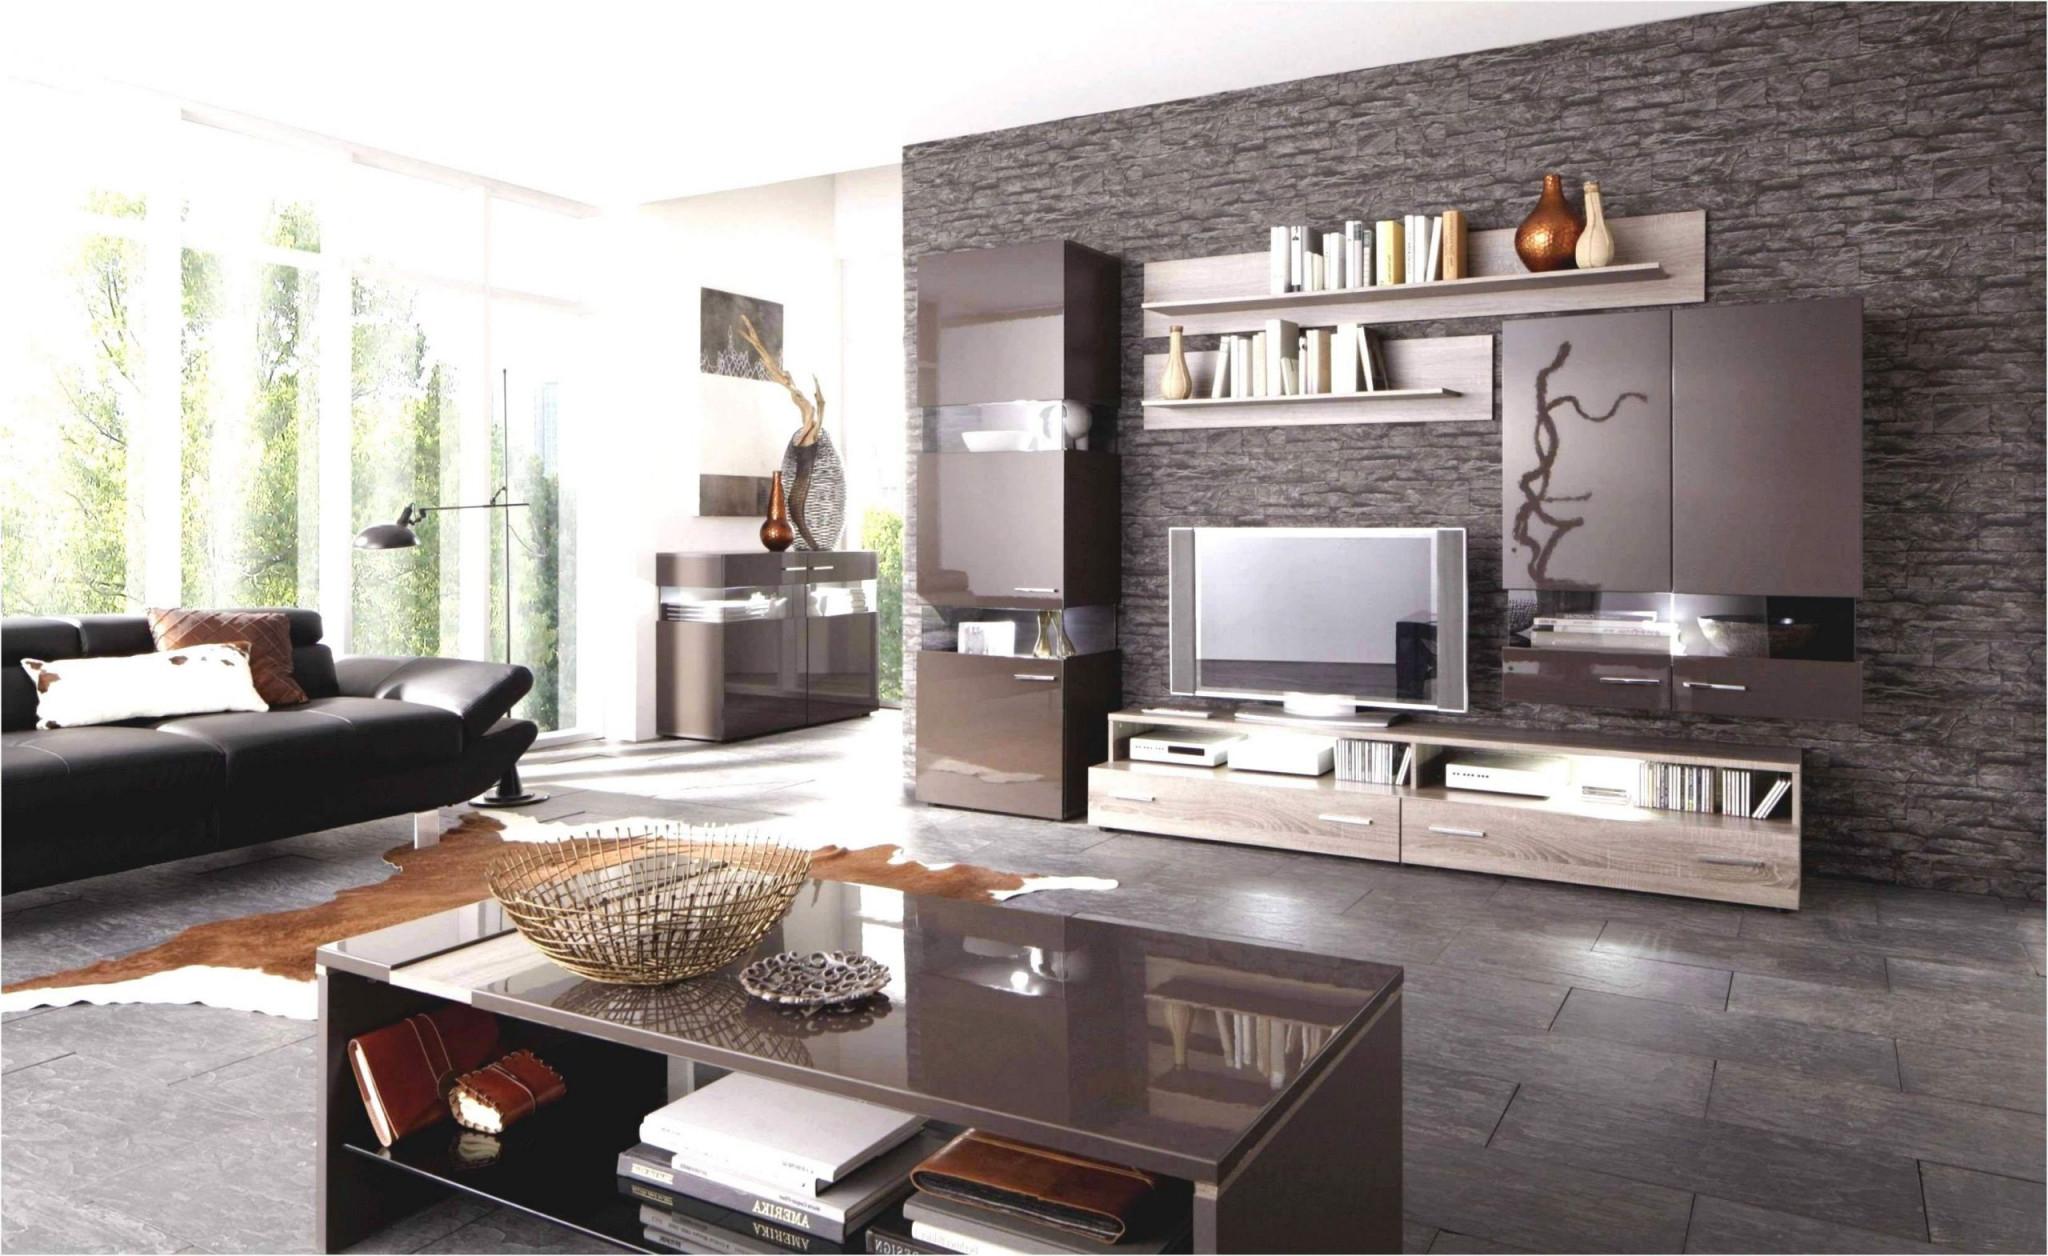 39 Einzigartig Wohnzimmer Tapeten Ideen Modern Das Beste Von von Tapeten Vorschläge Wohnzimmer Bild